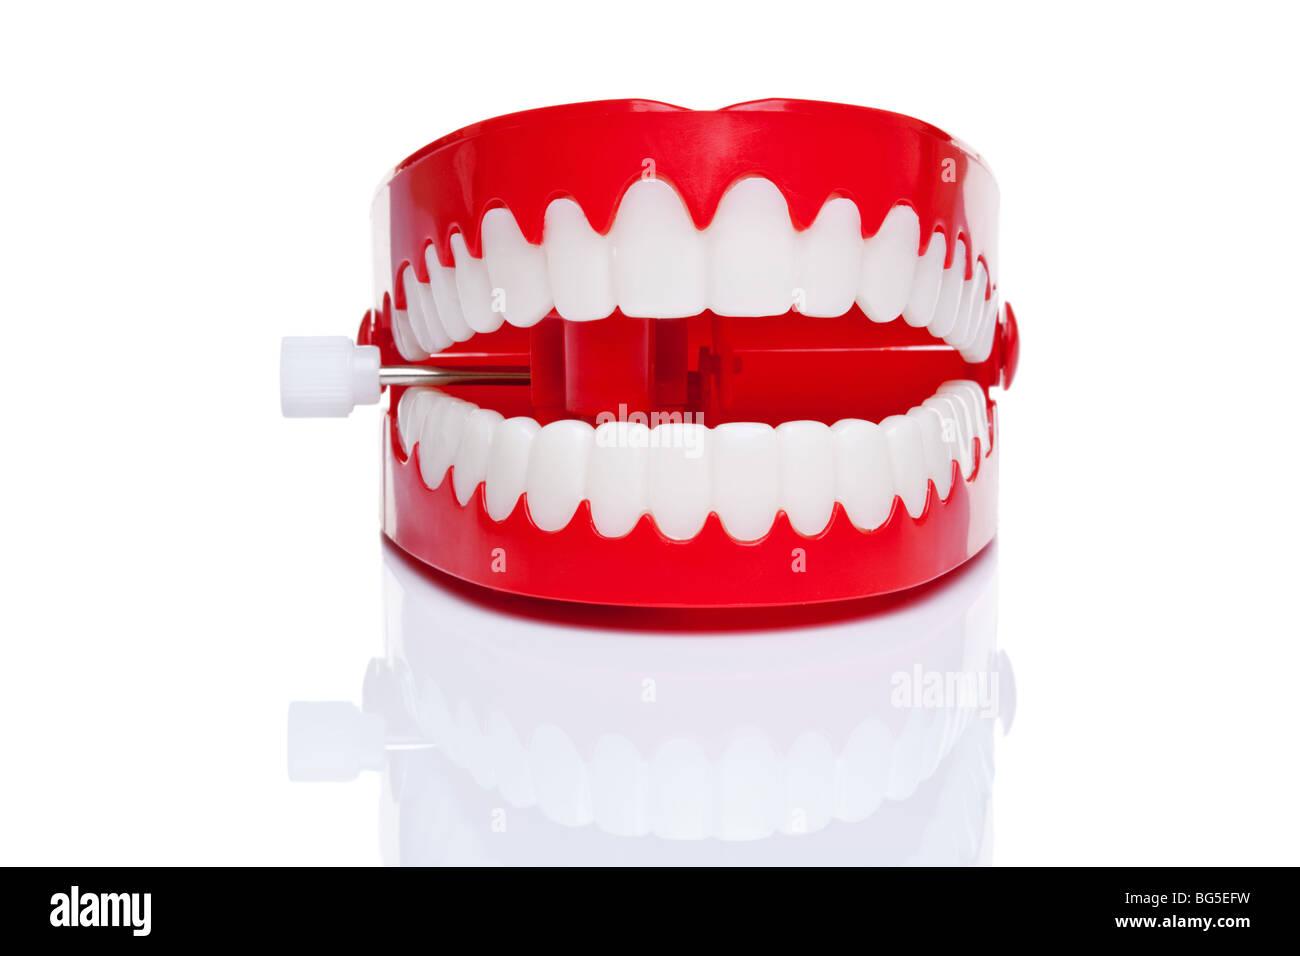 Une paire de dents de broutement liquidation blague sur un fond blanc, pur, photo haute résolution. Banque D'Images